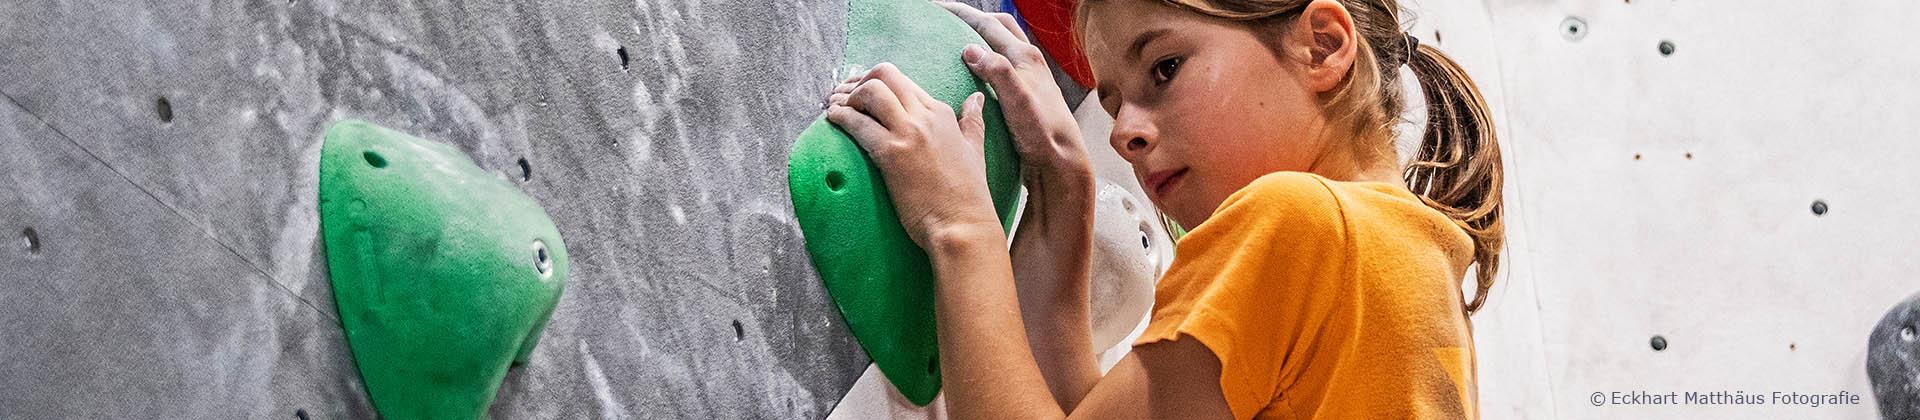 Boulderhalle-Training-Maedchen